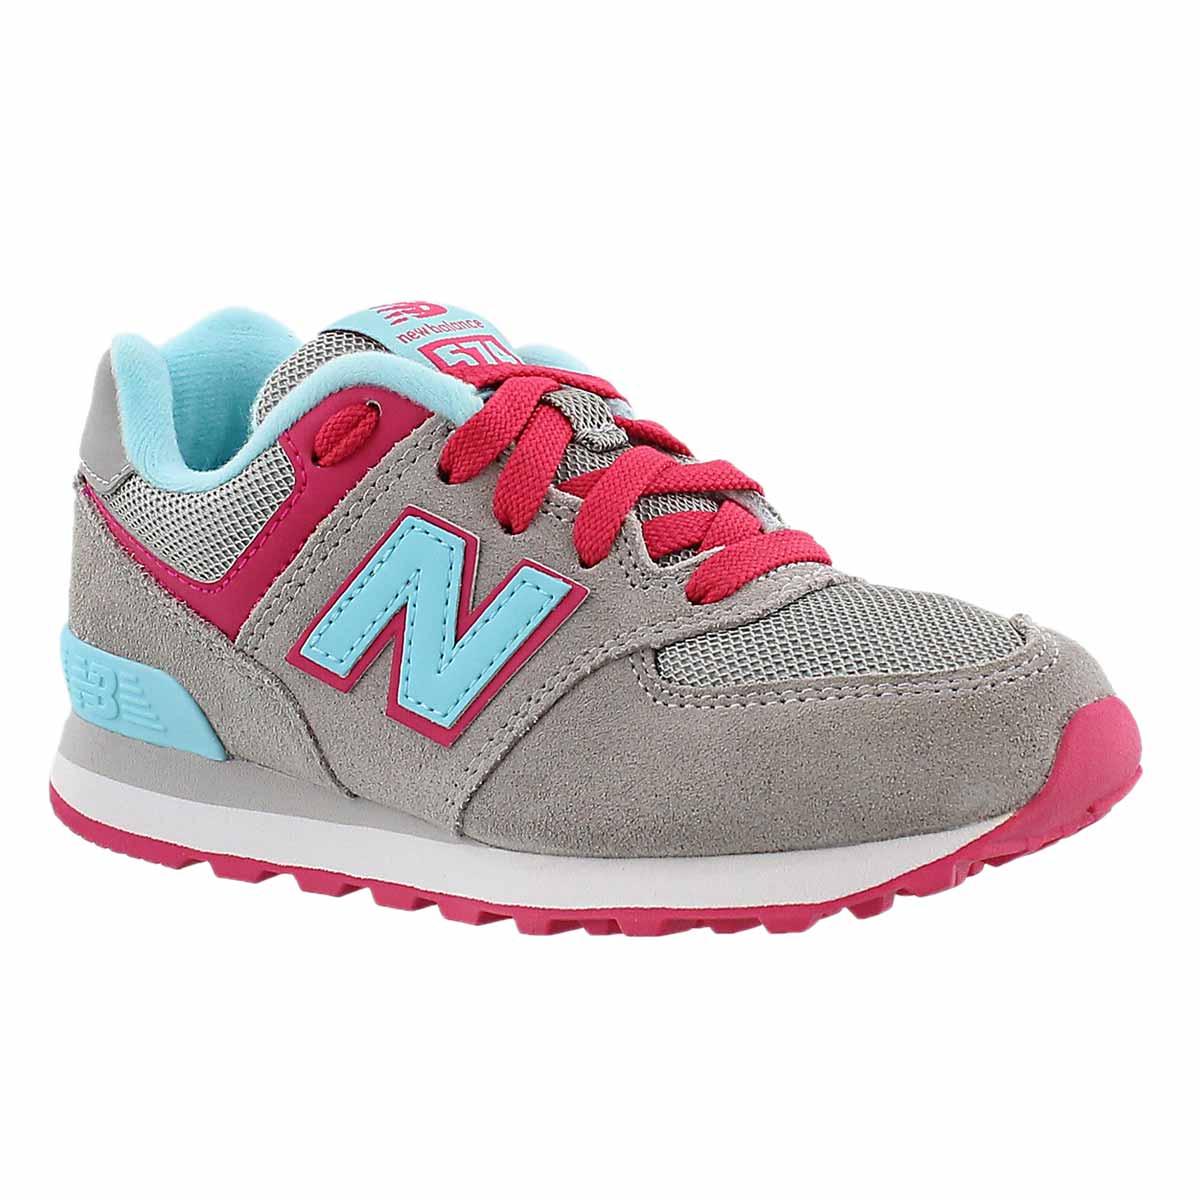 Grls 574 grey/lt blue lace up sneaker